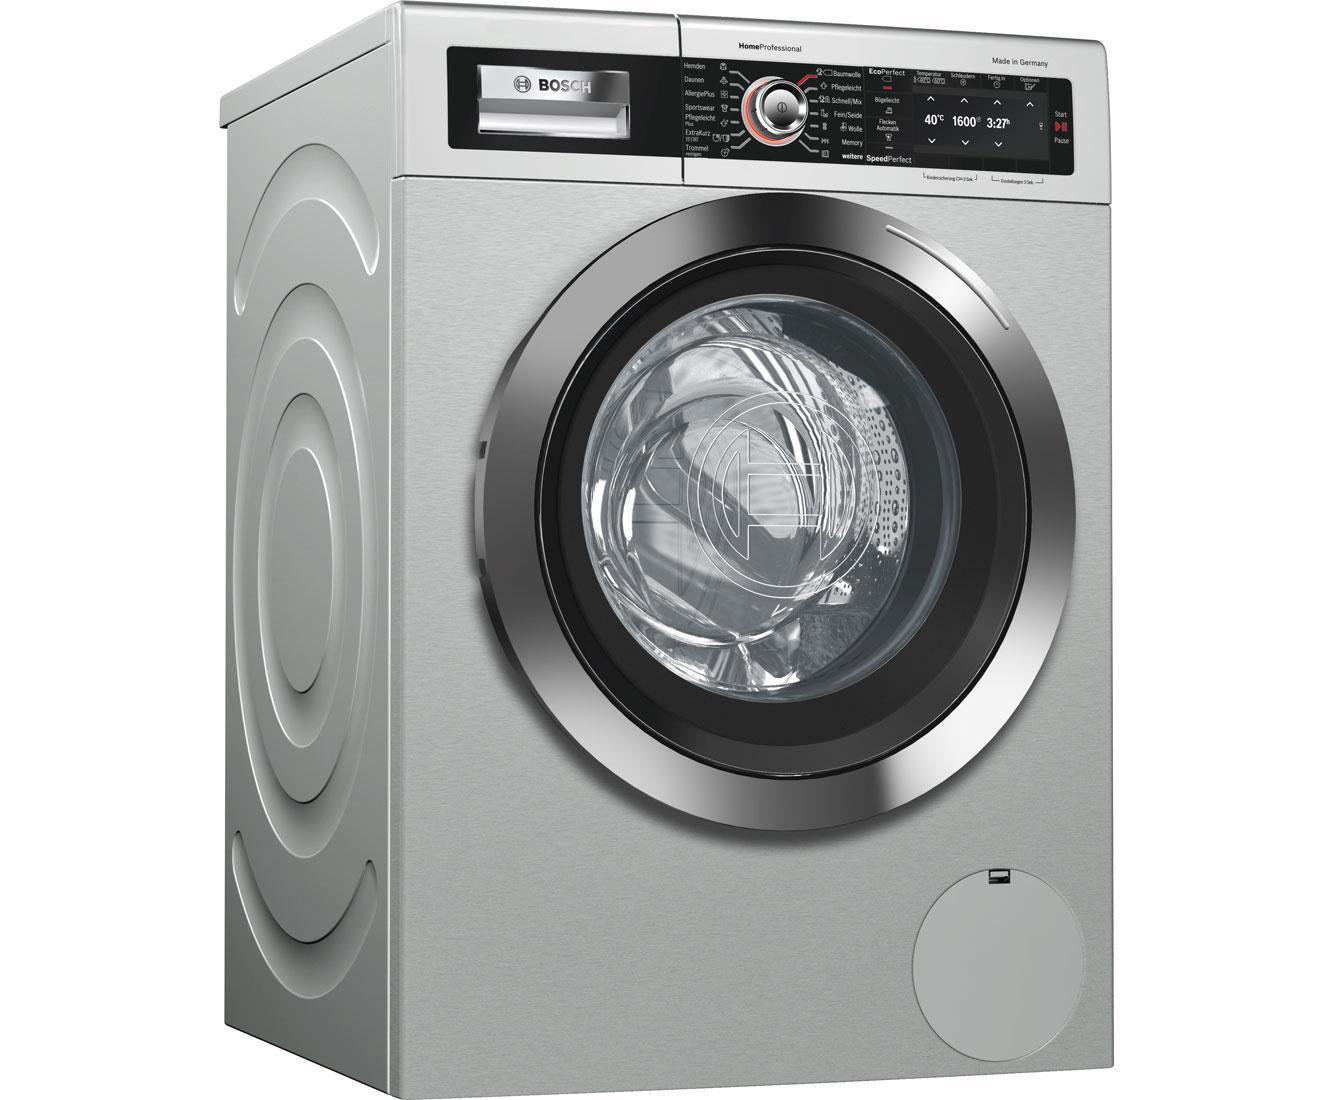 Miele waschmaschine u min preisvergleich u die besten